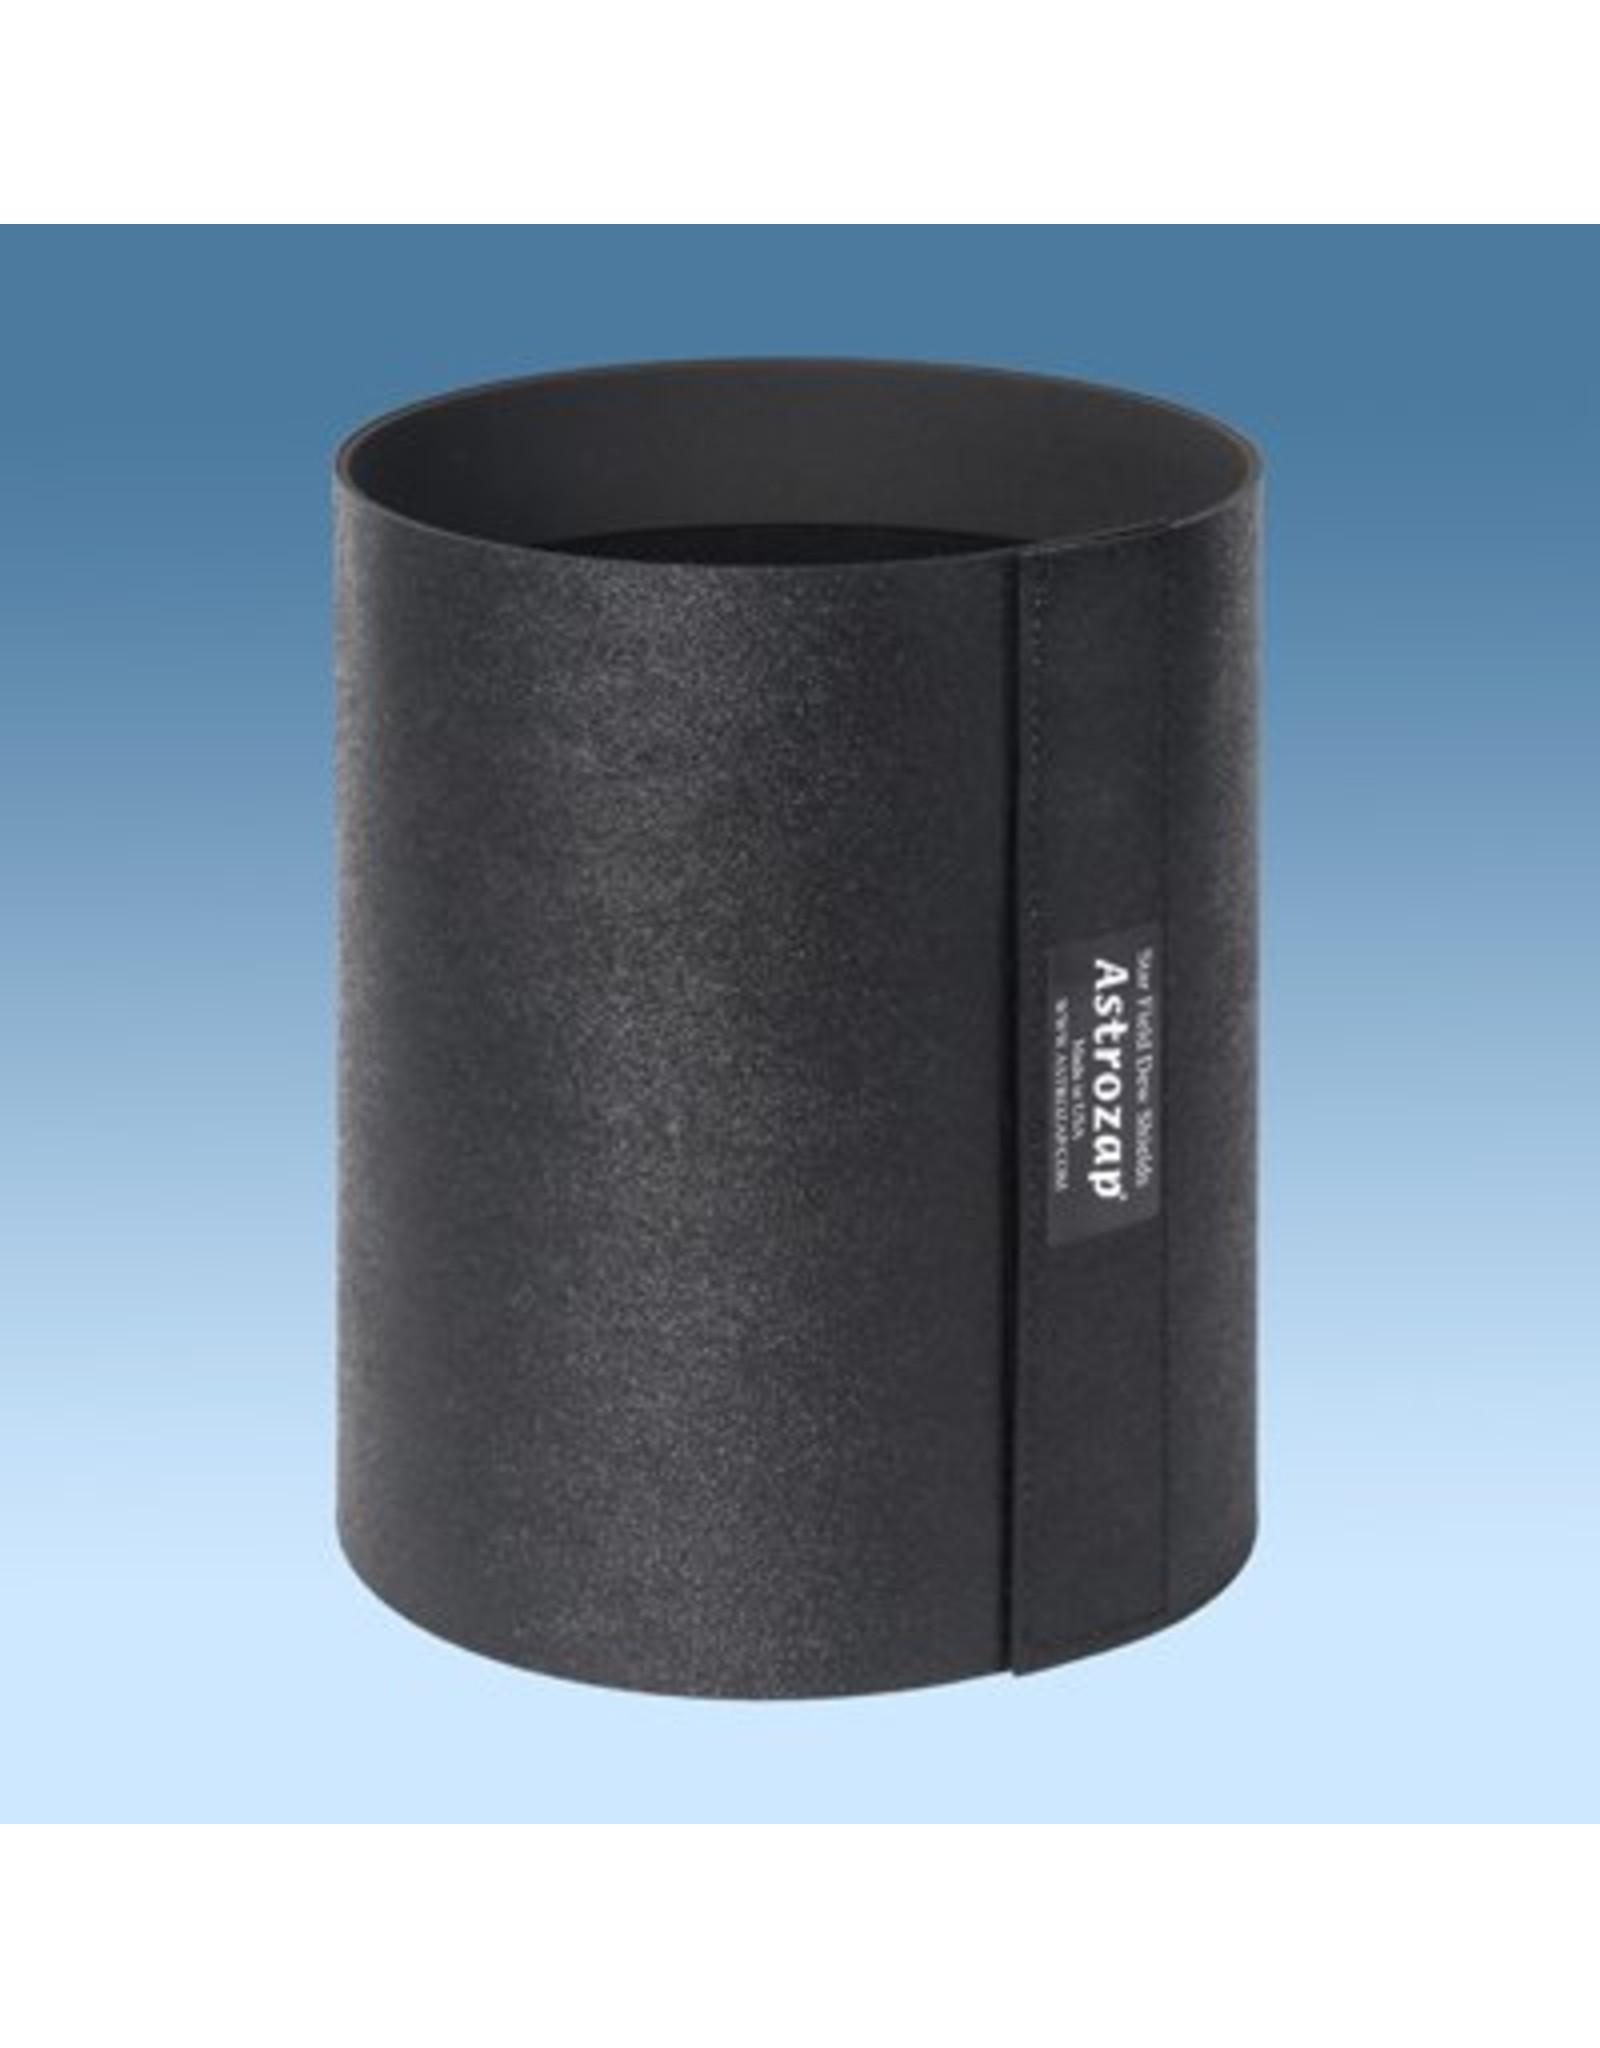 Astrozap Meade 12 SCT Flexi-Shield™ Flexible Dew Shield